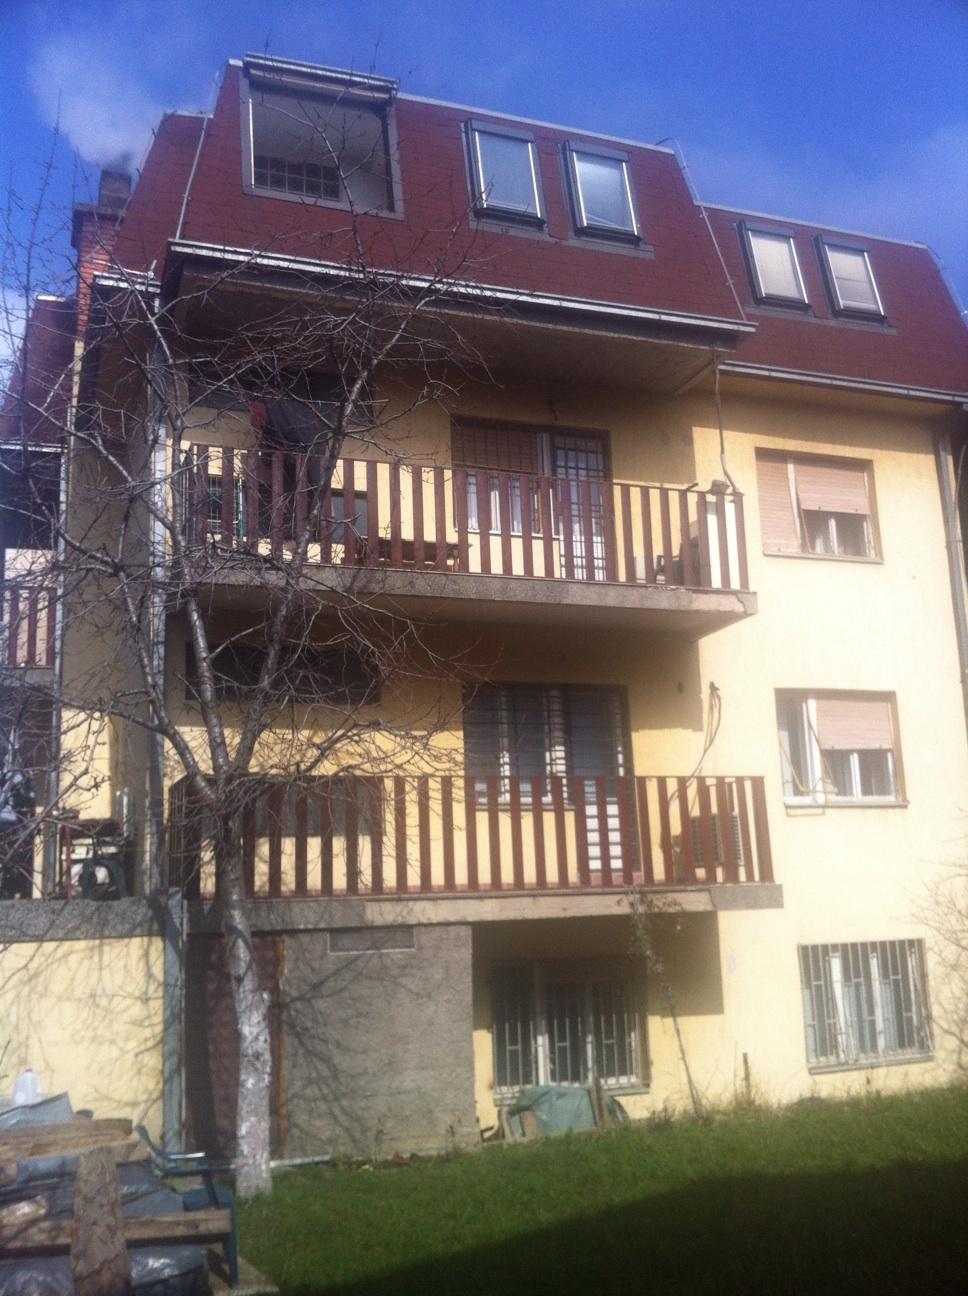 Shtëpia P + 3 katëshe 698.5m2, me 6 ari truall, në lagjen Aktash afër Furra Qerimi